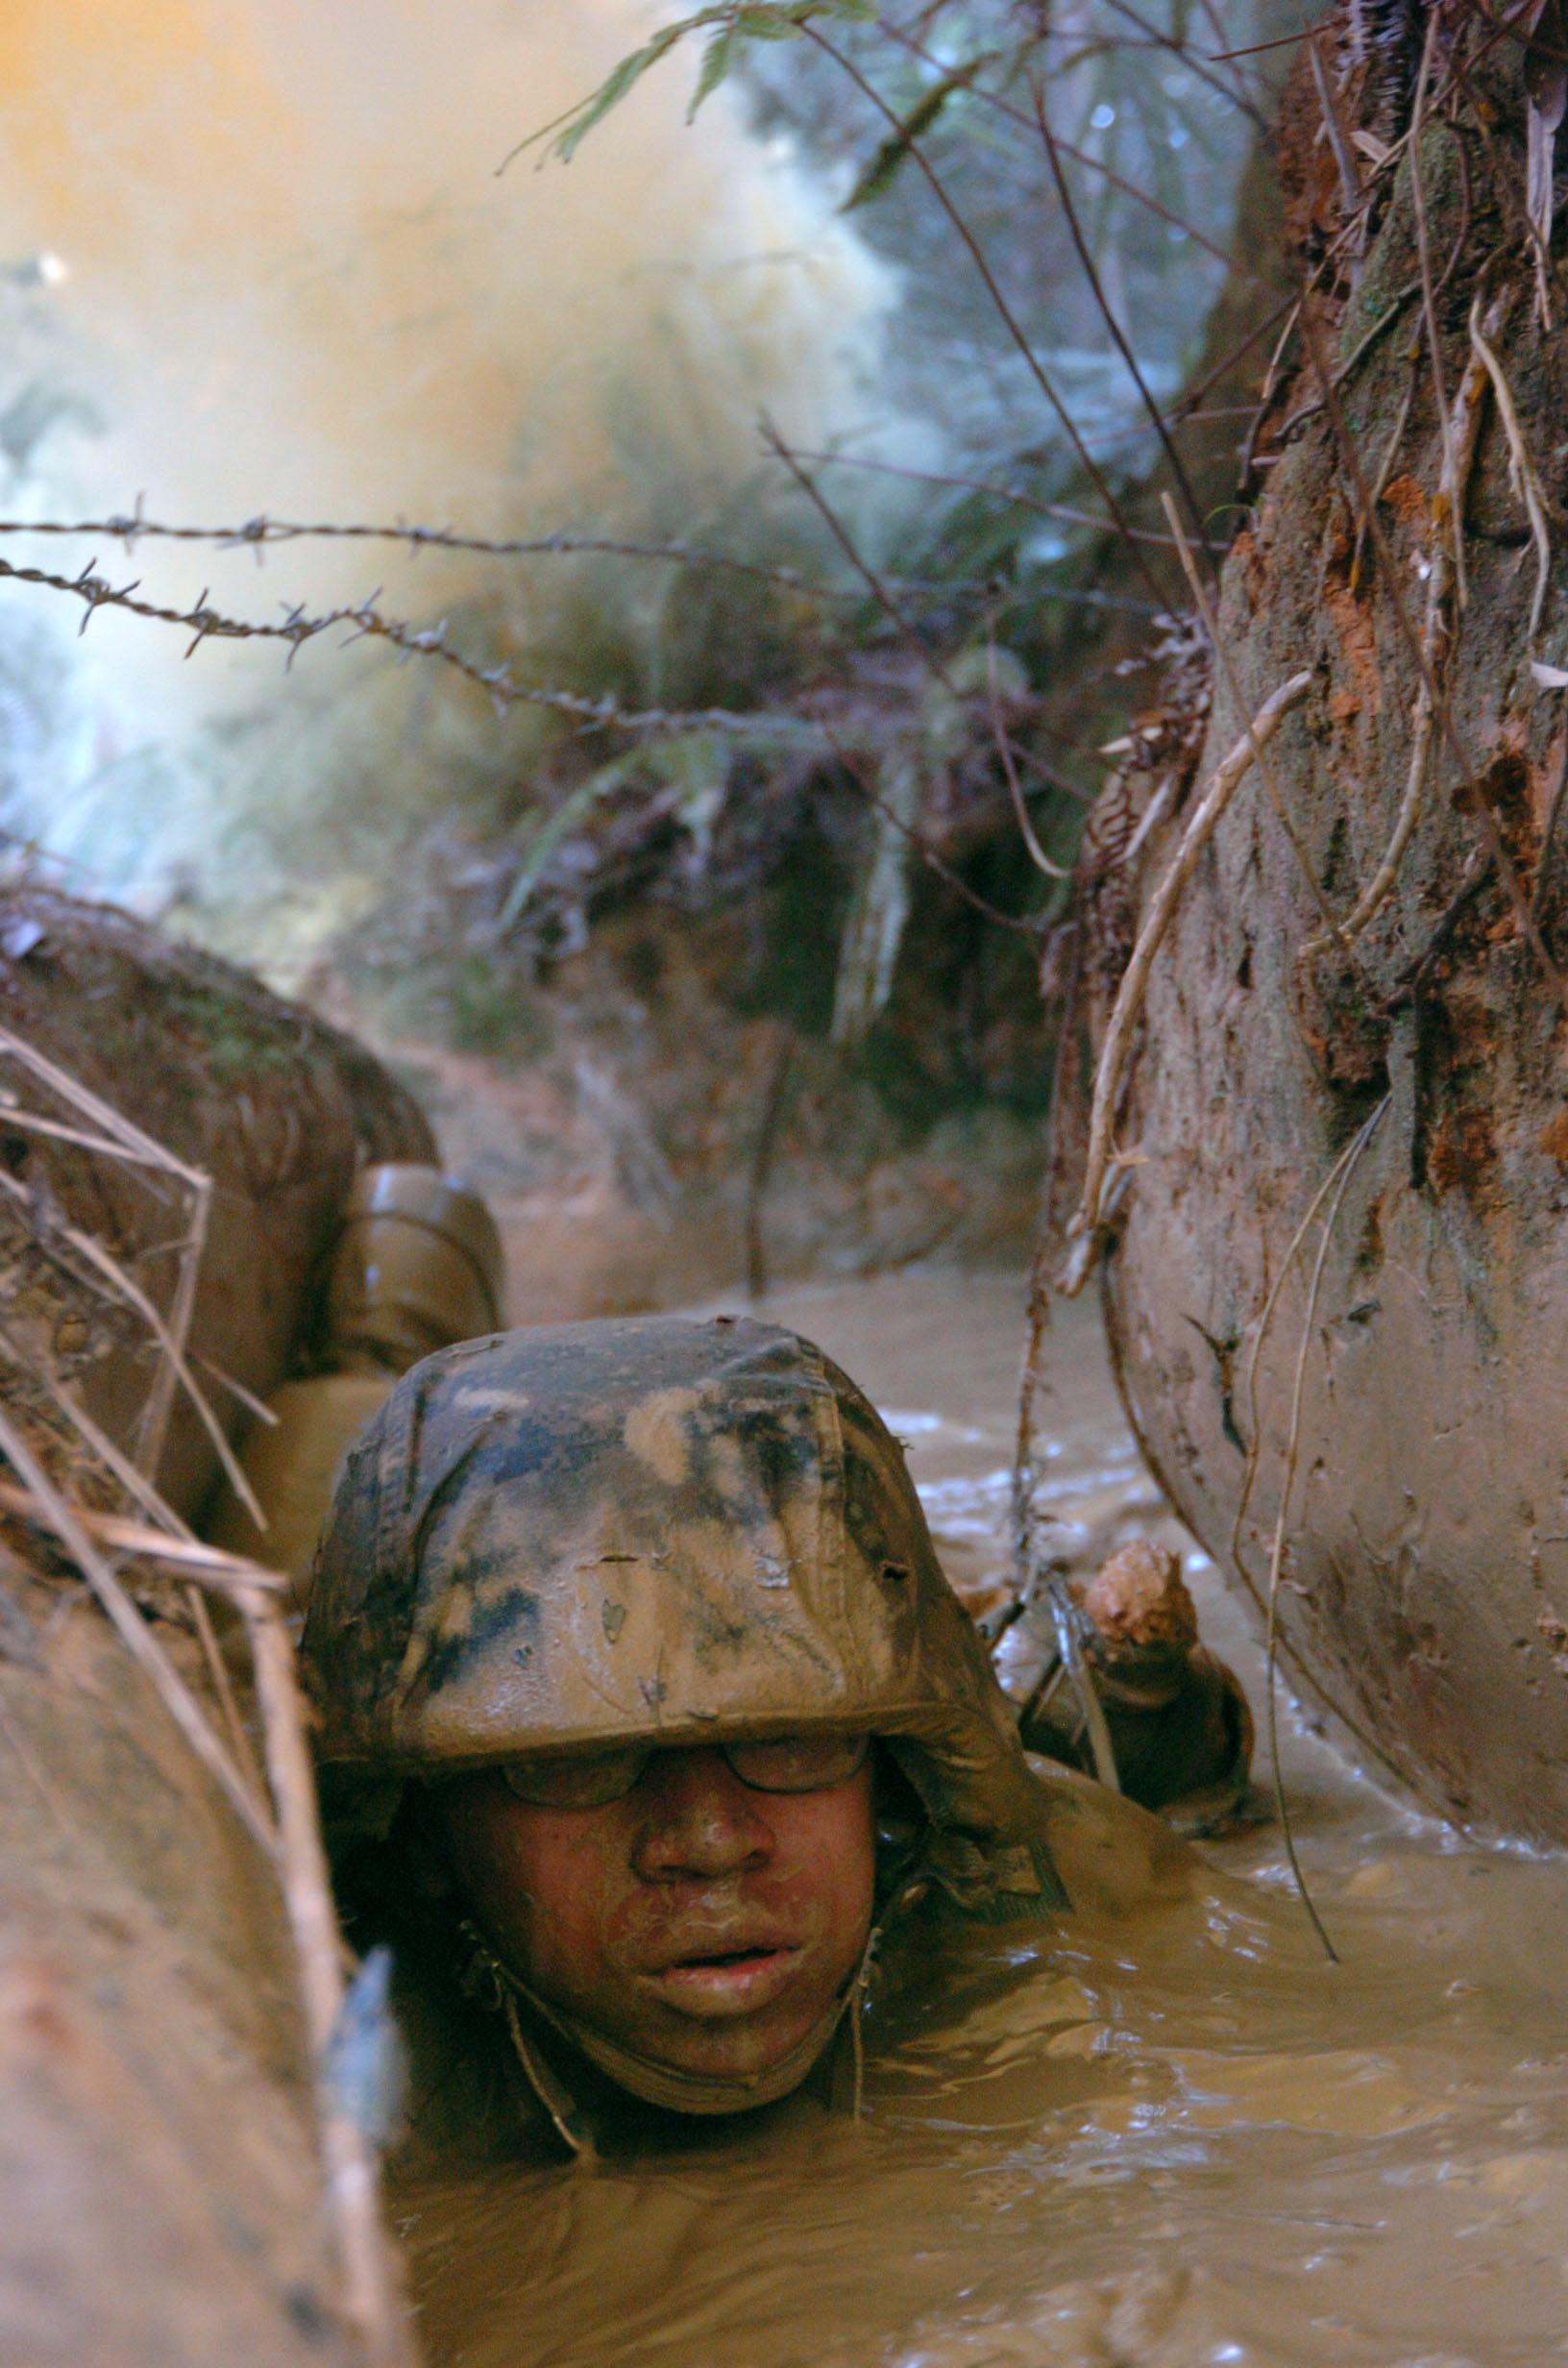 File:US Navy 050225-N-9712C-007 A U.S. Marine low-crawls